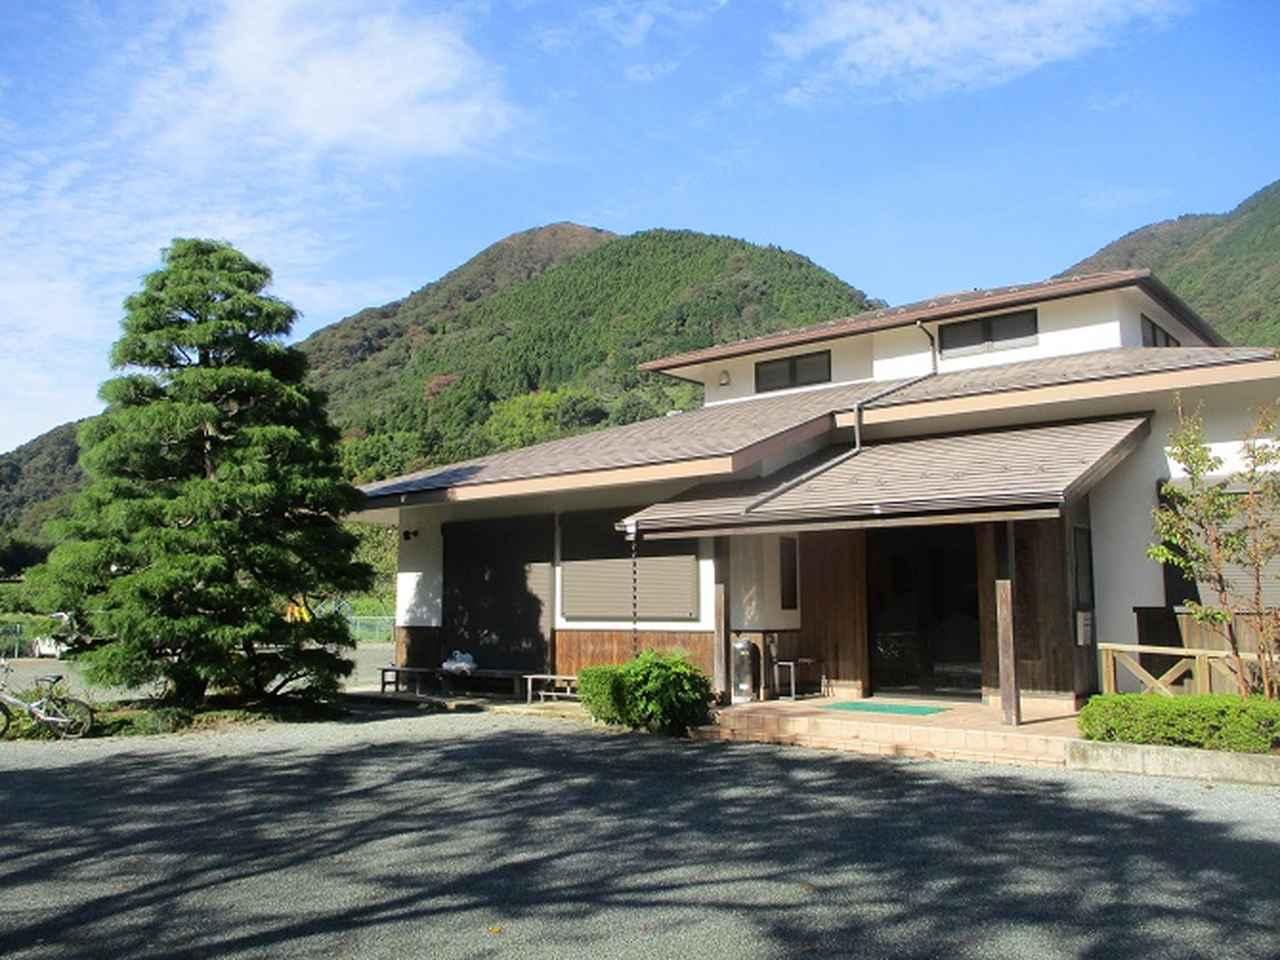 画像1: 10月26日に山旅会 「矢倉岳」 ツアーに行ってきました!